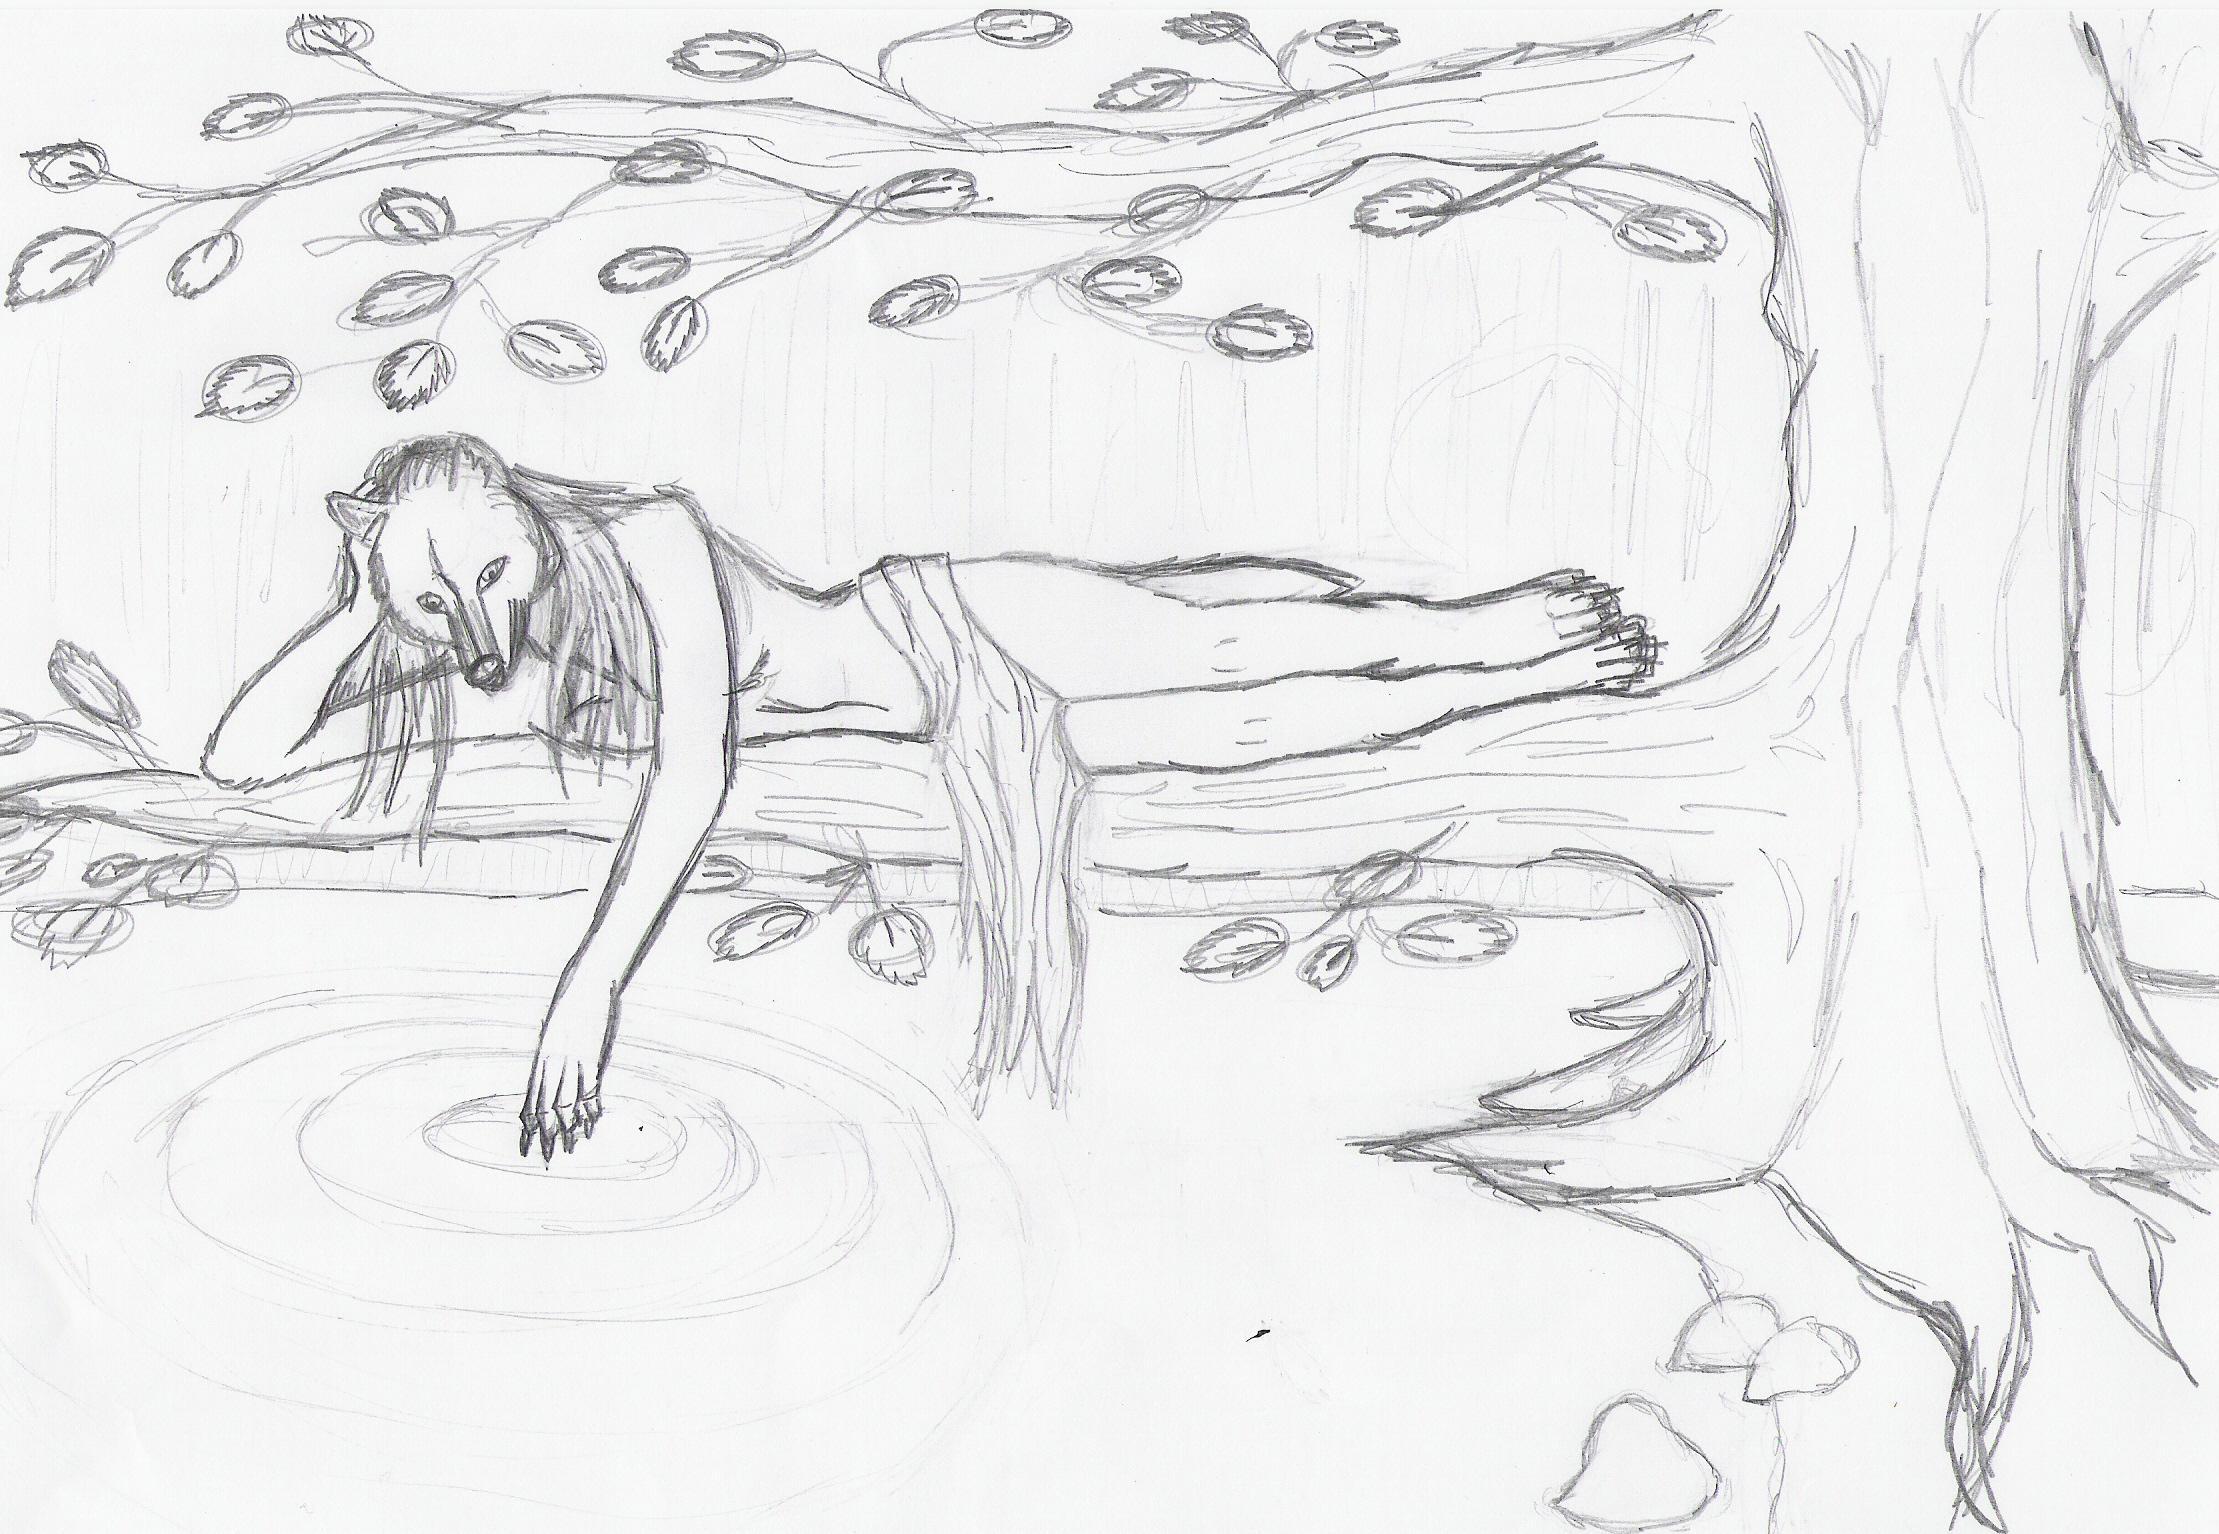 Tree wolf sketch by designerdragon on deviantART